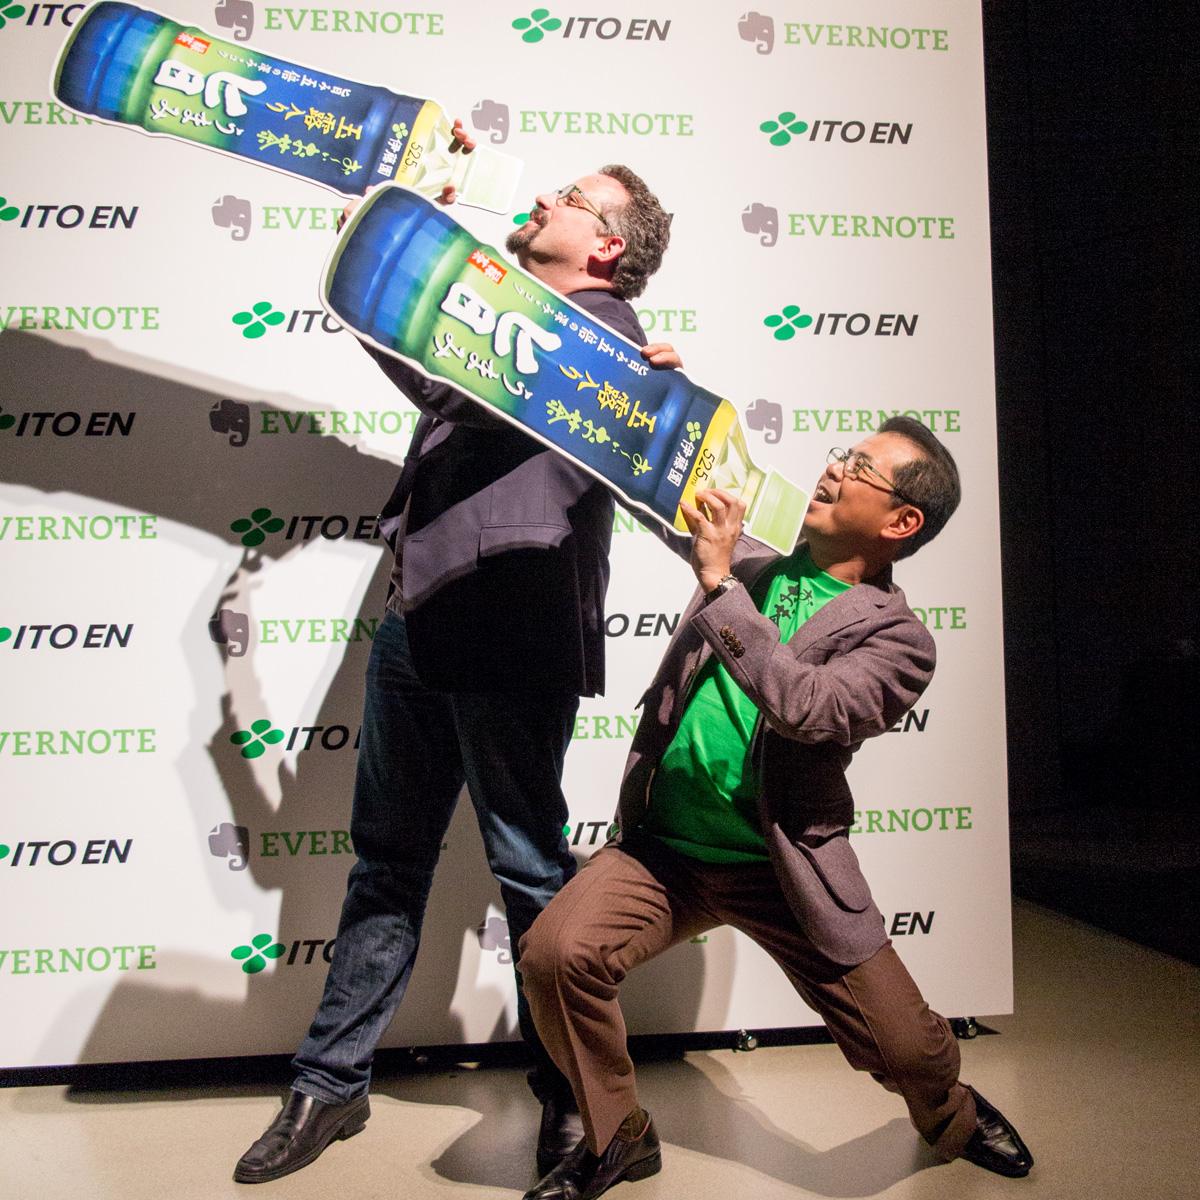 (左から)米Evernote CEOのフィル・リービン氏、伊藤園代表取締役副社長の本庄周介氏